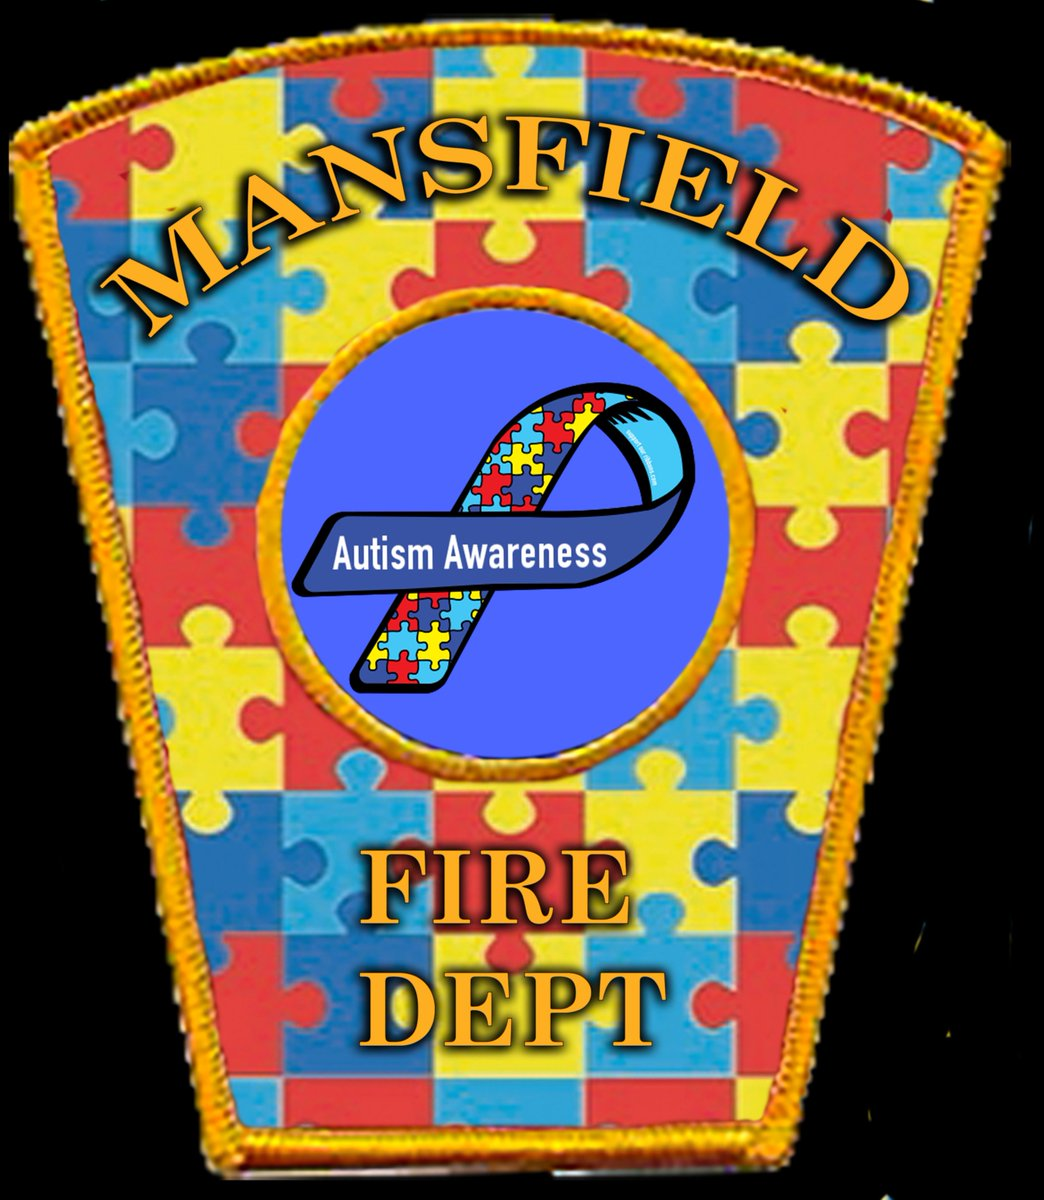 Mansfield FD 1820 (@MansfieldFD1820) | Twitter